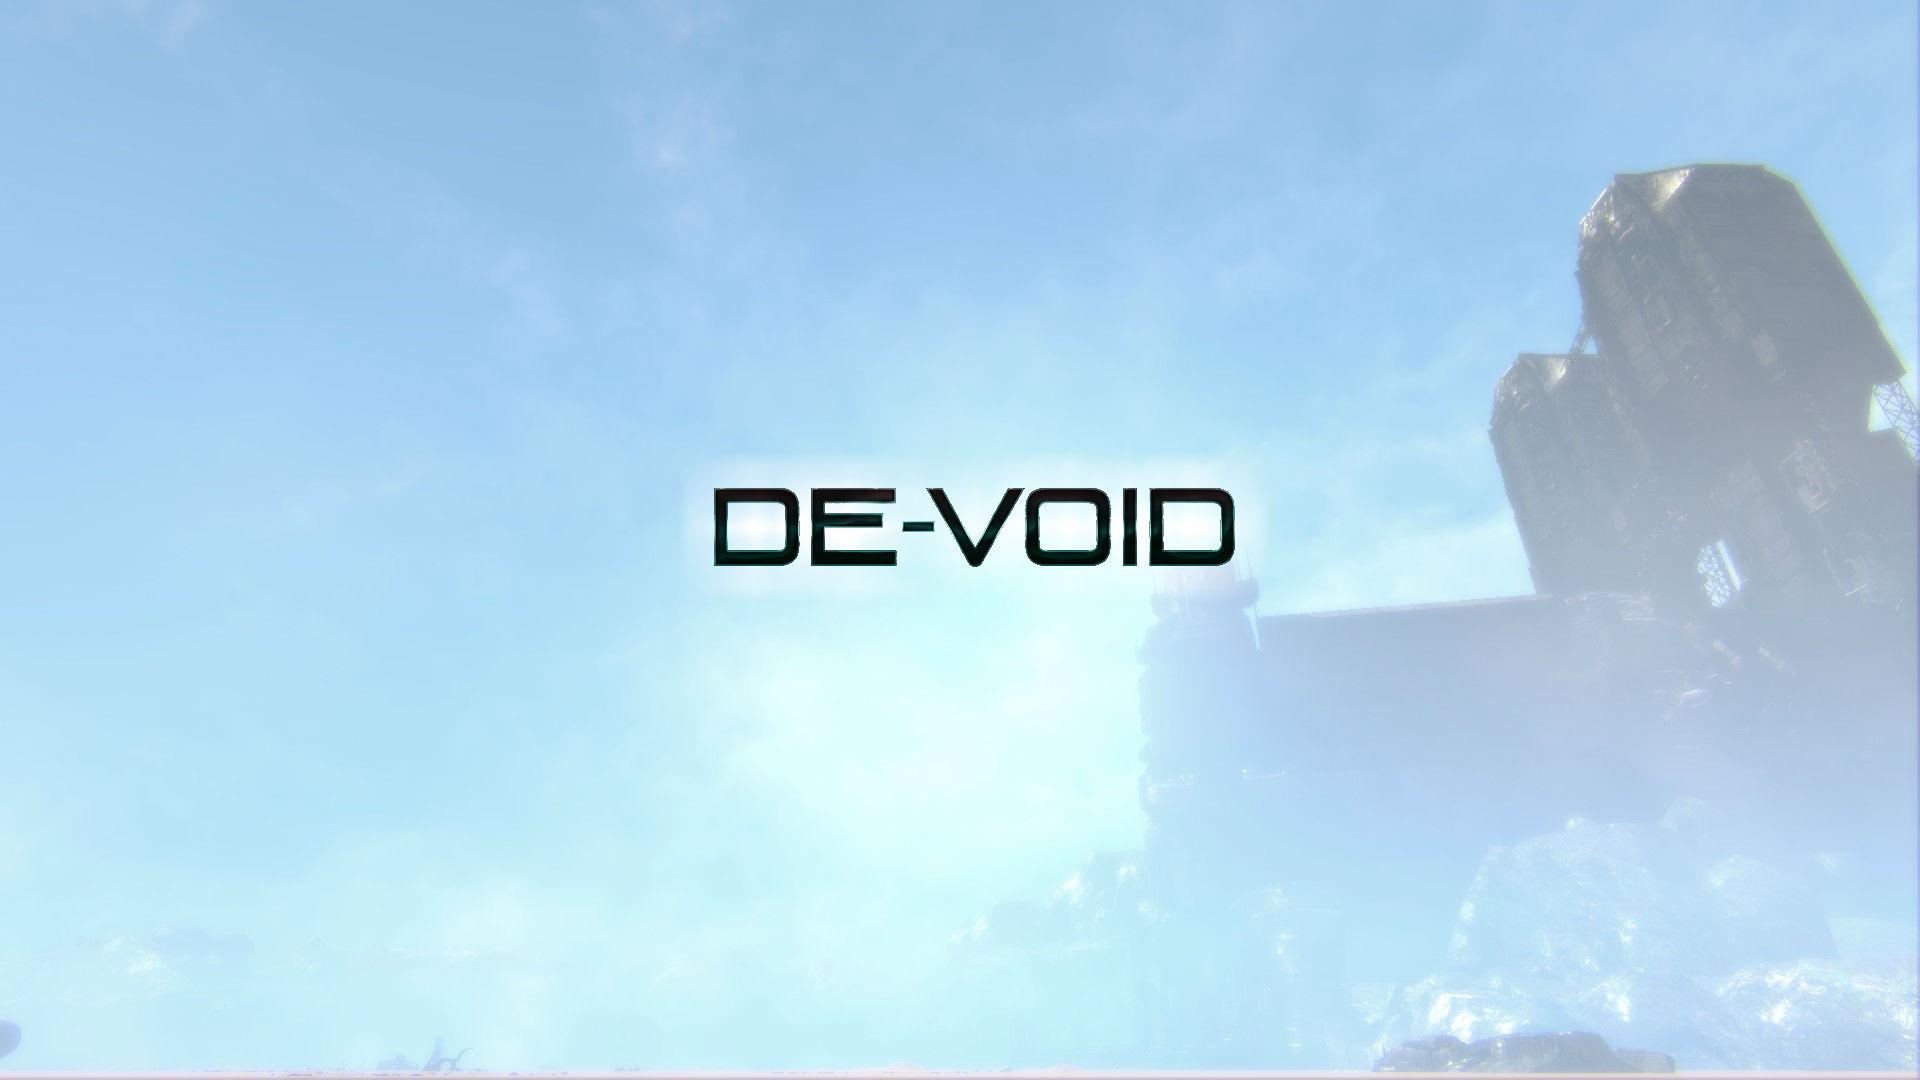 De-void Review